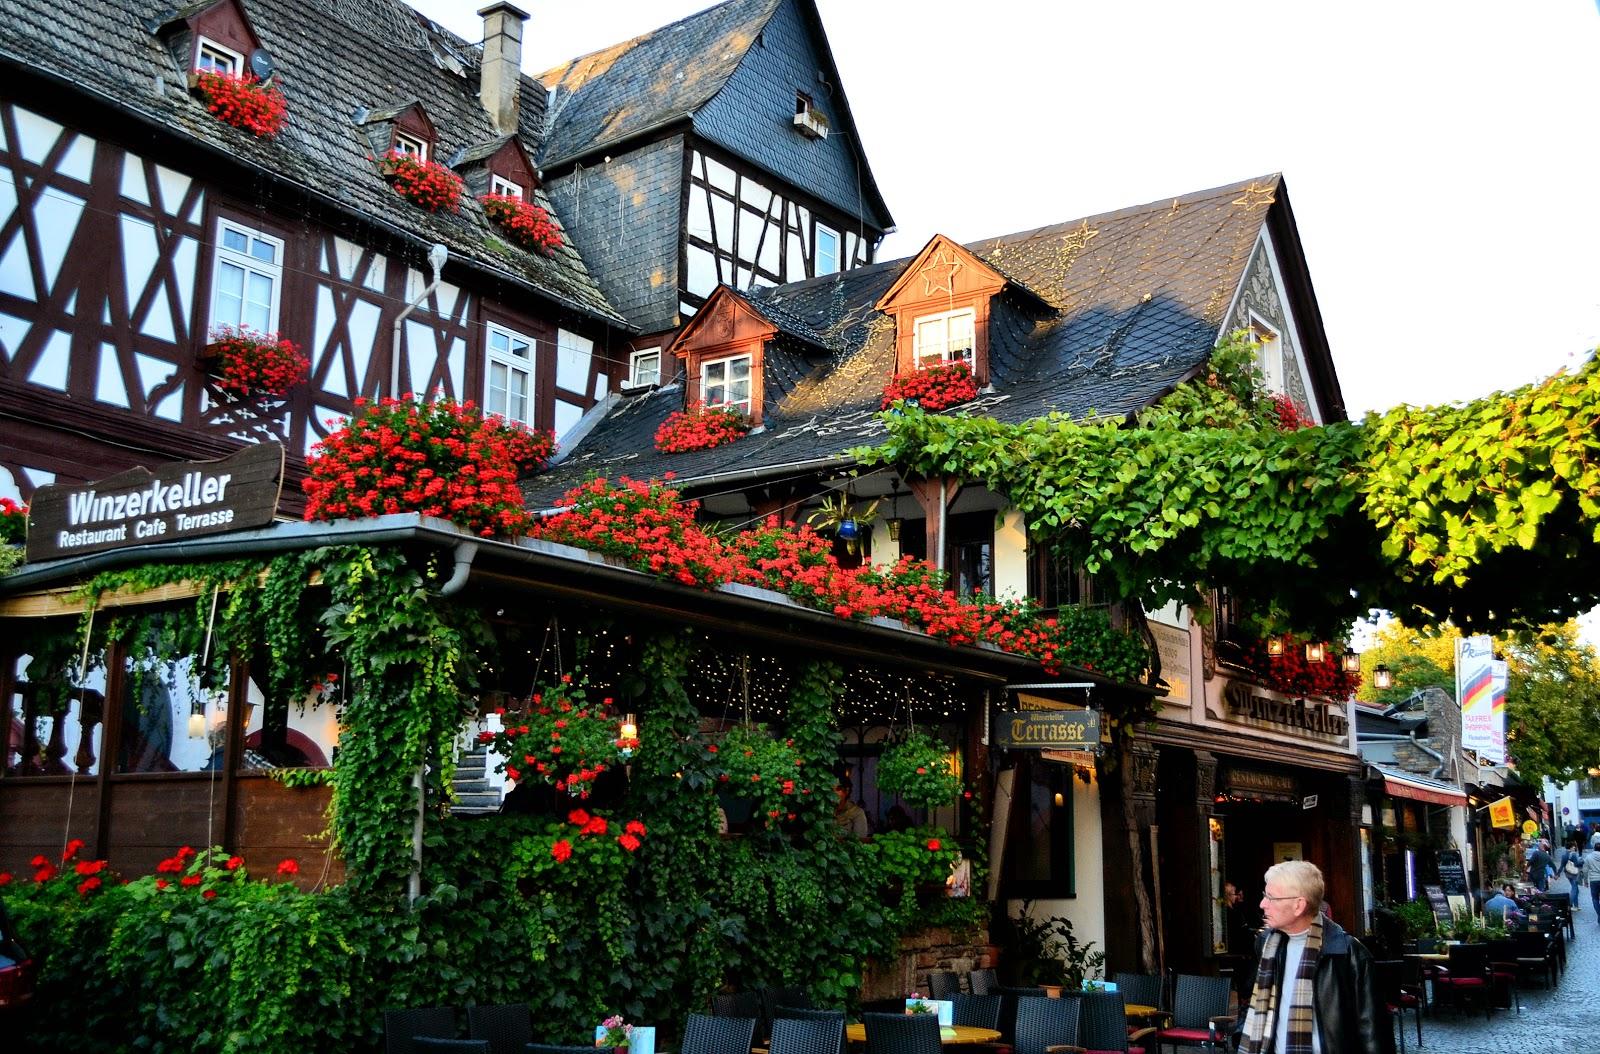 Winzerkeller Café along the Oberstraße in Rüdesheim.